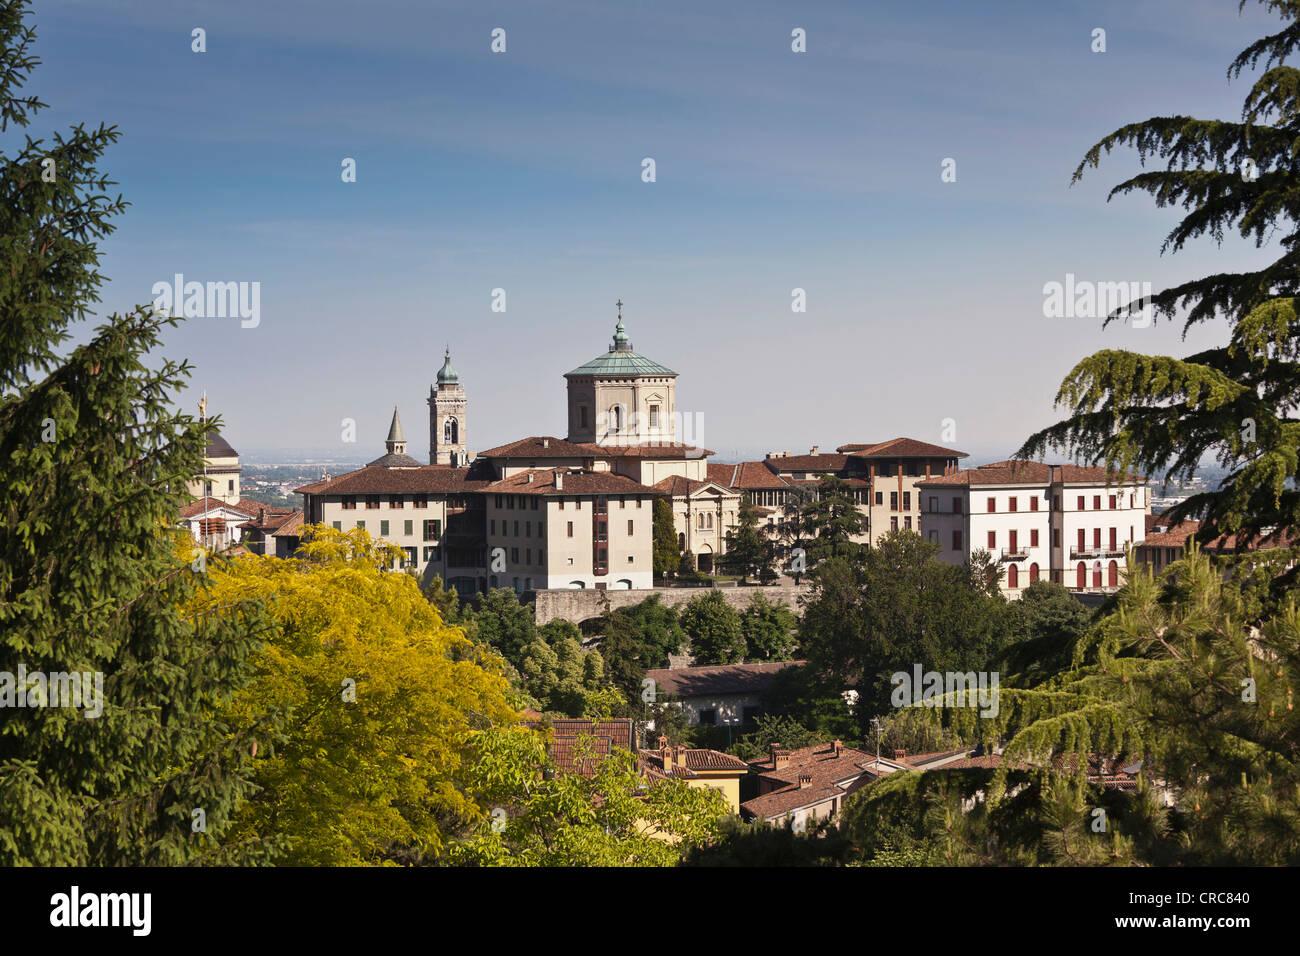 Vista aérea de los edificios en la ciudad Foto de stock